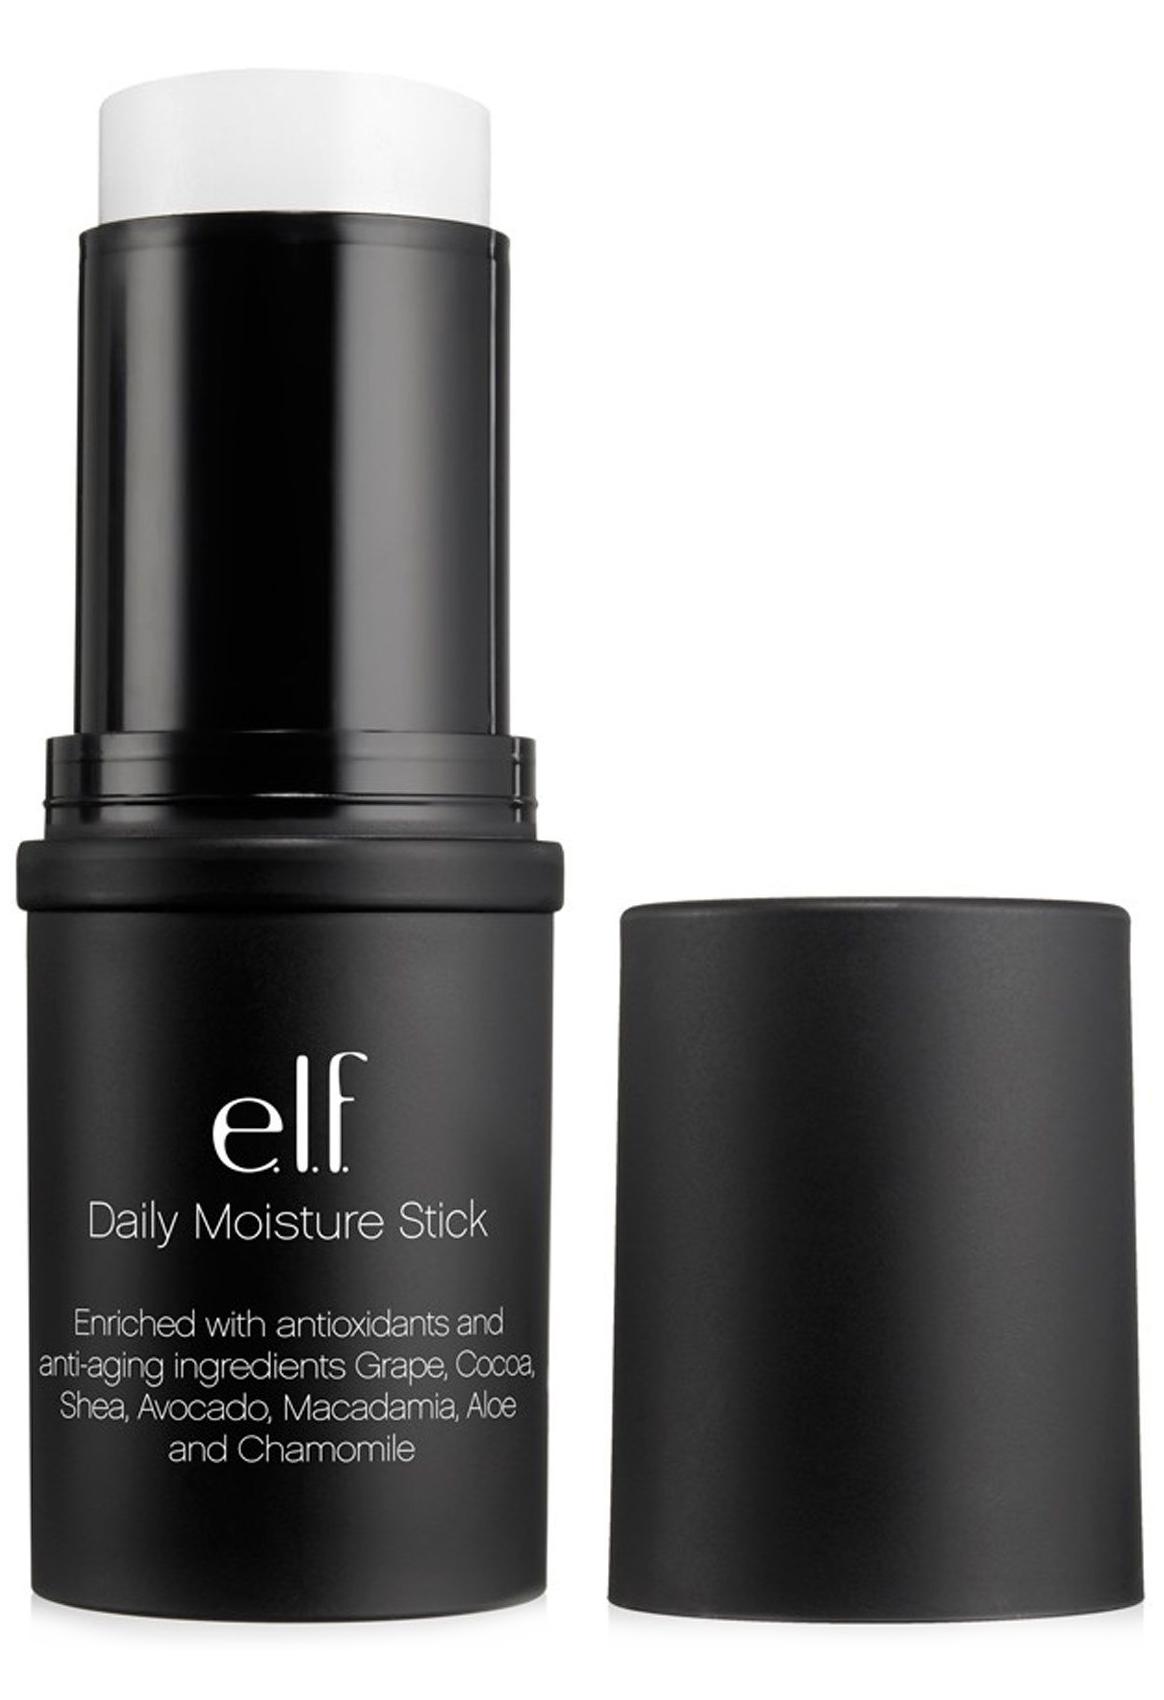 E.L.F. Daily Moisture Stick (W) sztyft nawilżający do twarzy Clear 15g